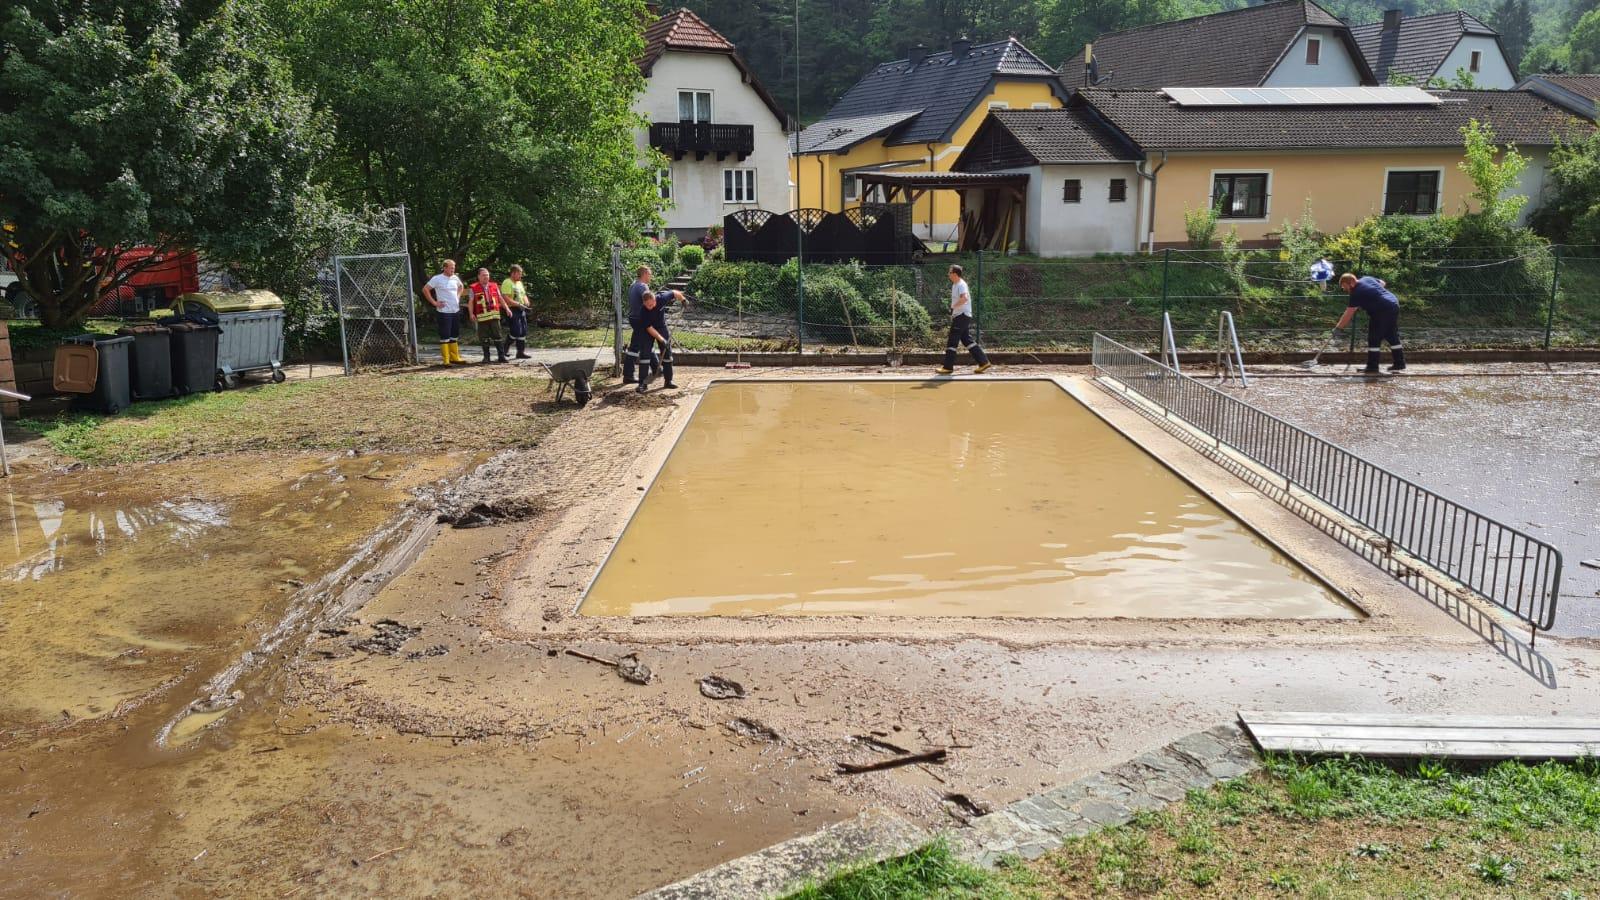 2021-07-19 - Unwettereinsatz-Aggsbach-Dorf (3)